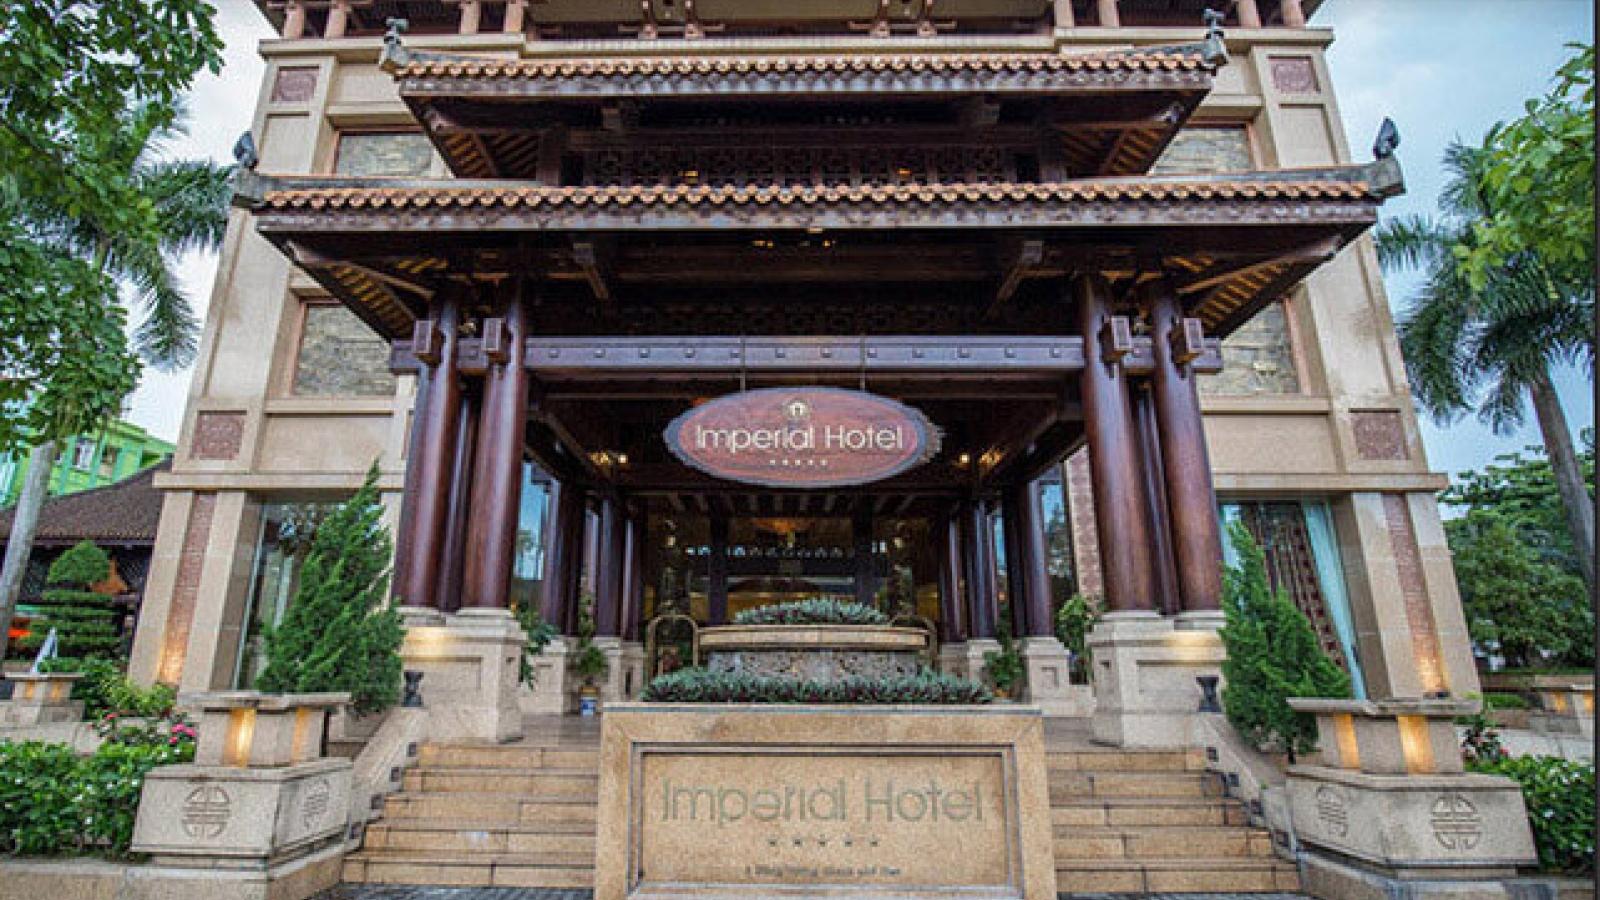 Mua bán nợ xấu theo Nghị quyết 42:Nợ xấu Khách sạn Hoàng Cung và lý sự của hai bên